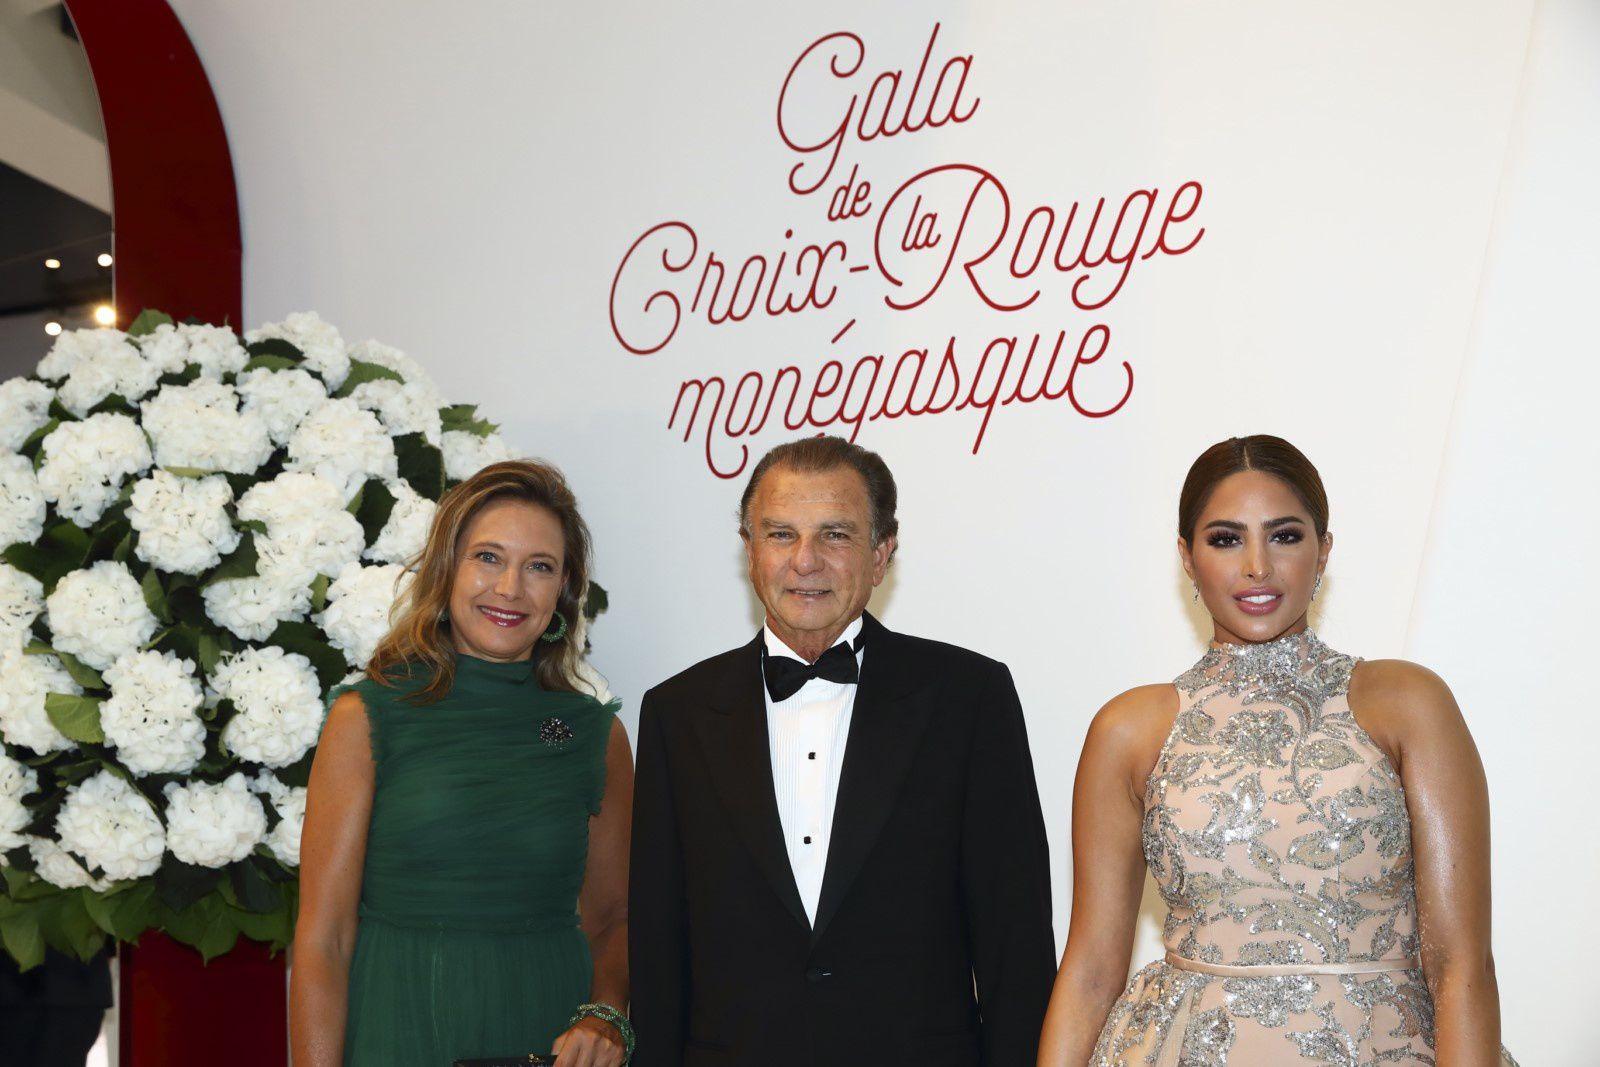 MONACO:  GALA DE LA CROIX ROUGE MONEGASQUE